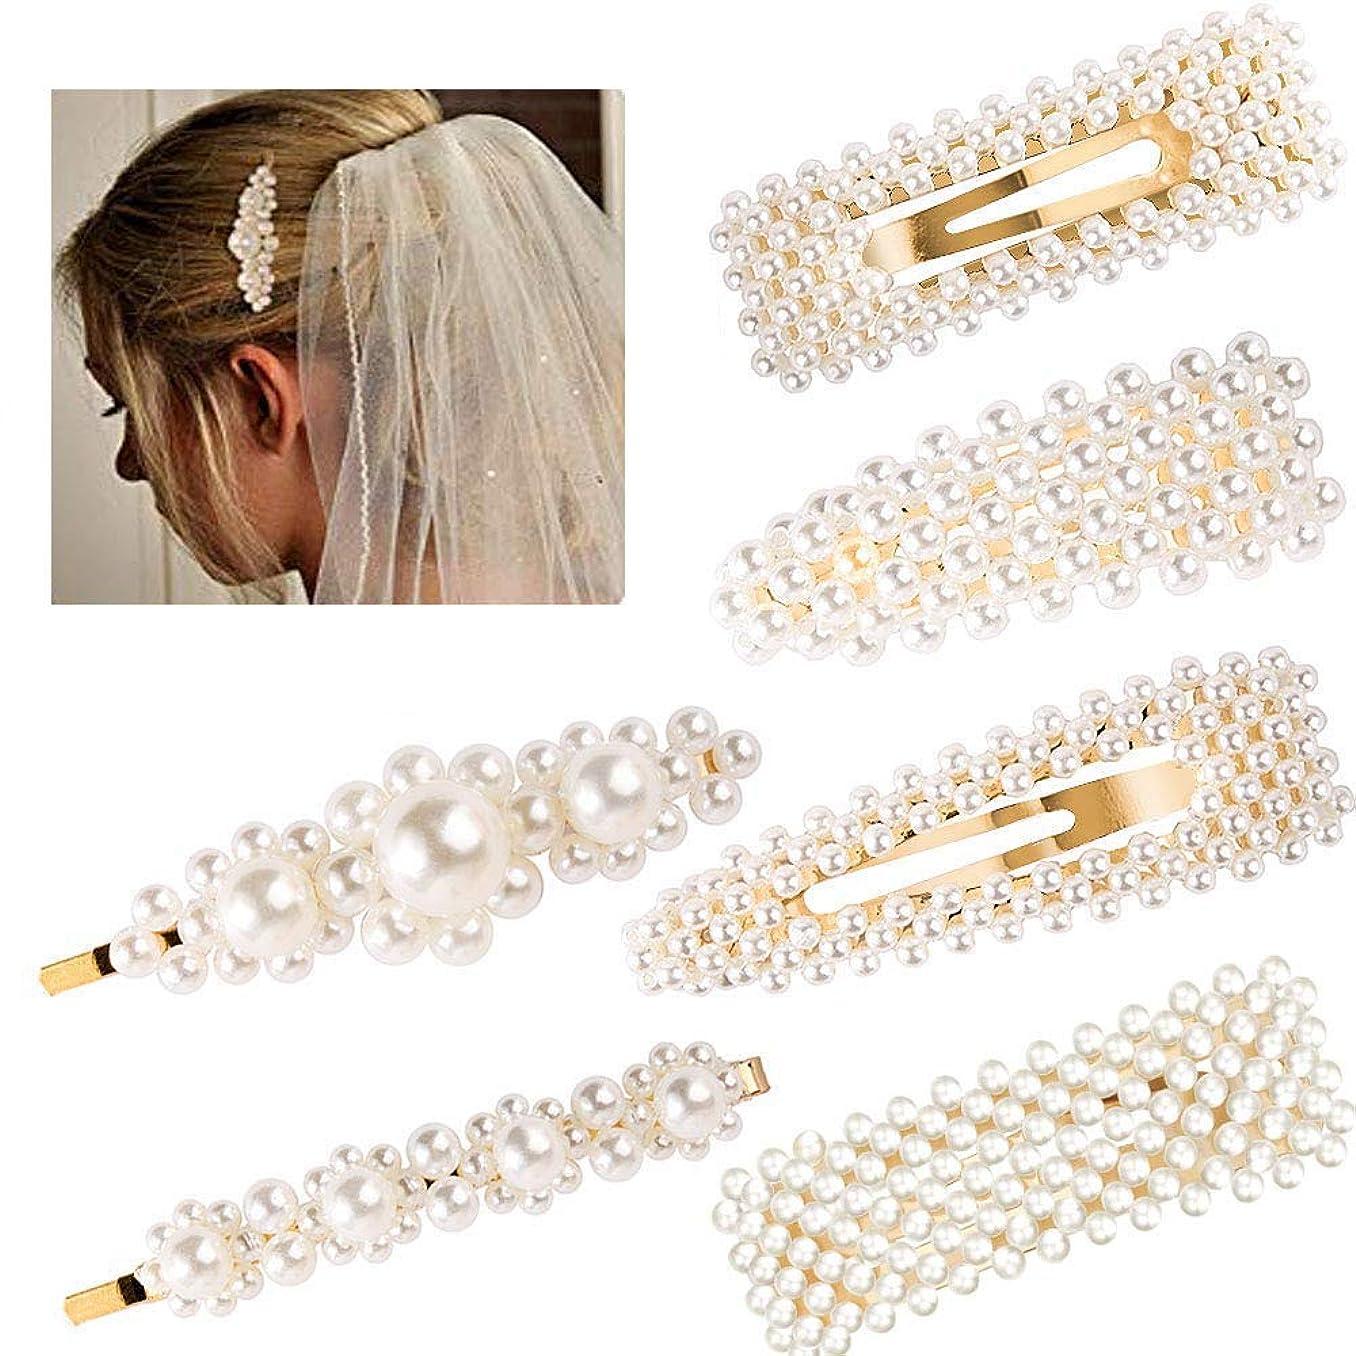 助言する手足地域のSALOCY ヘアクリップ-パール ヘアクリップ ヘアピン ヘアアクセサリー 髪留め 髪飾り 結婚式 卒業式 入学式 パーティ レディース ゴールド 6本セット